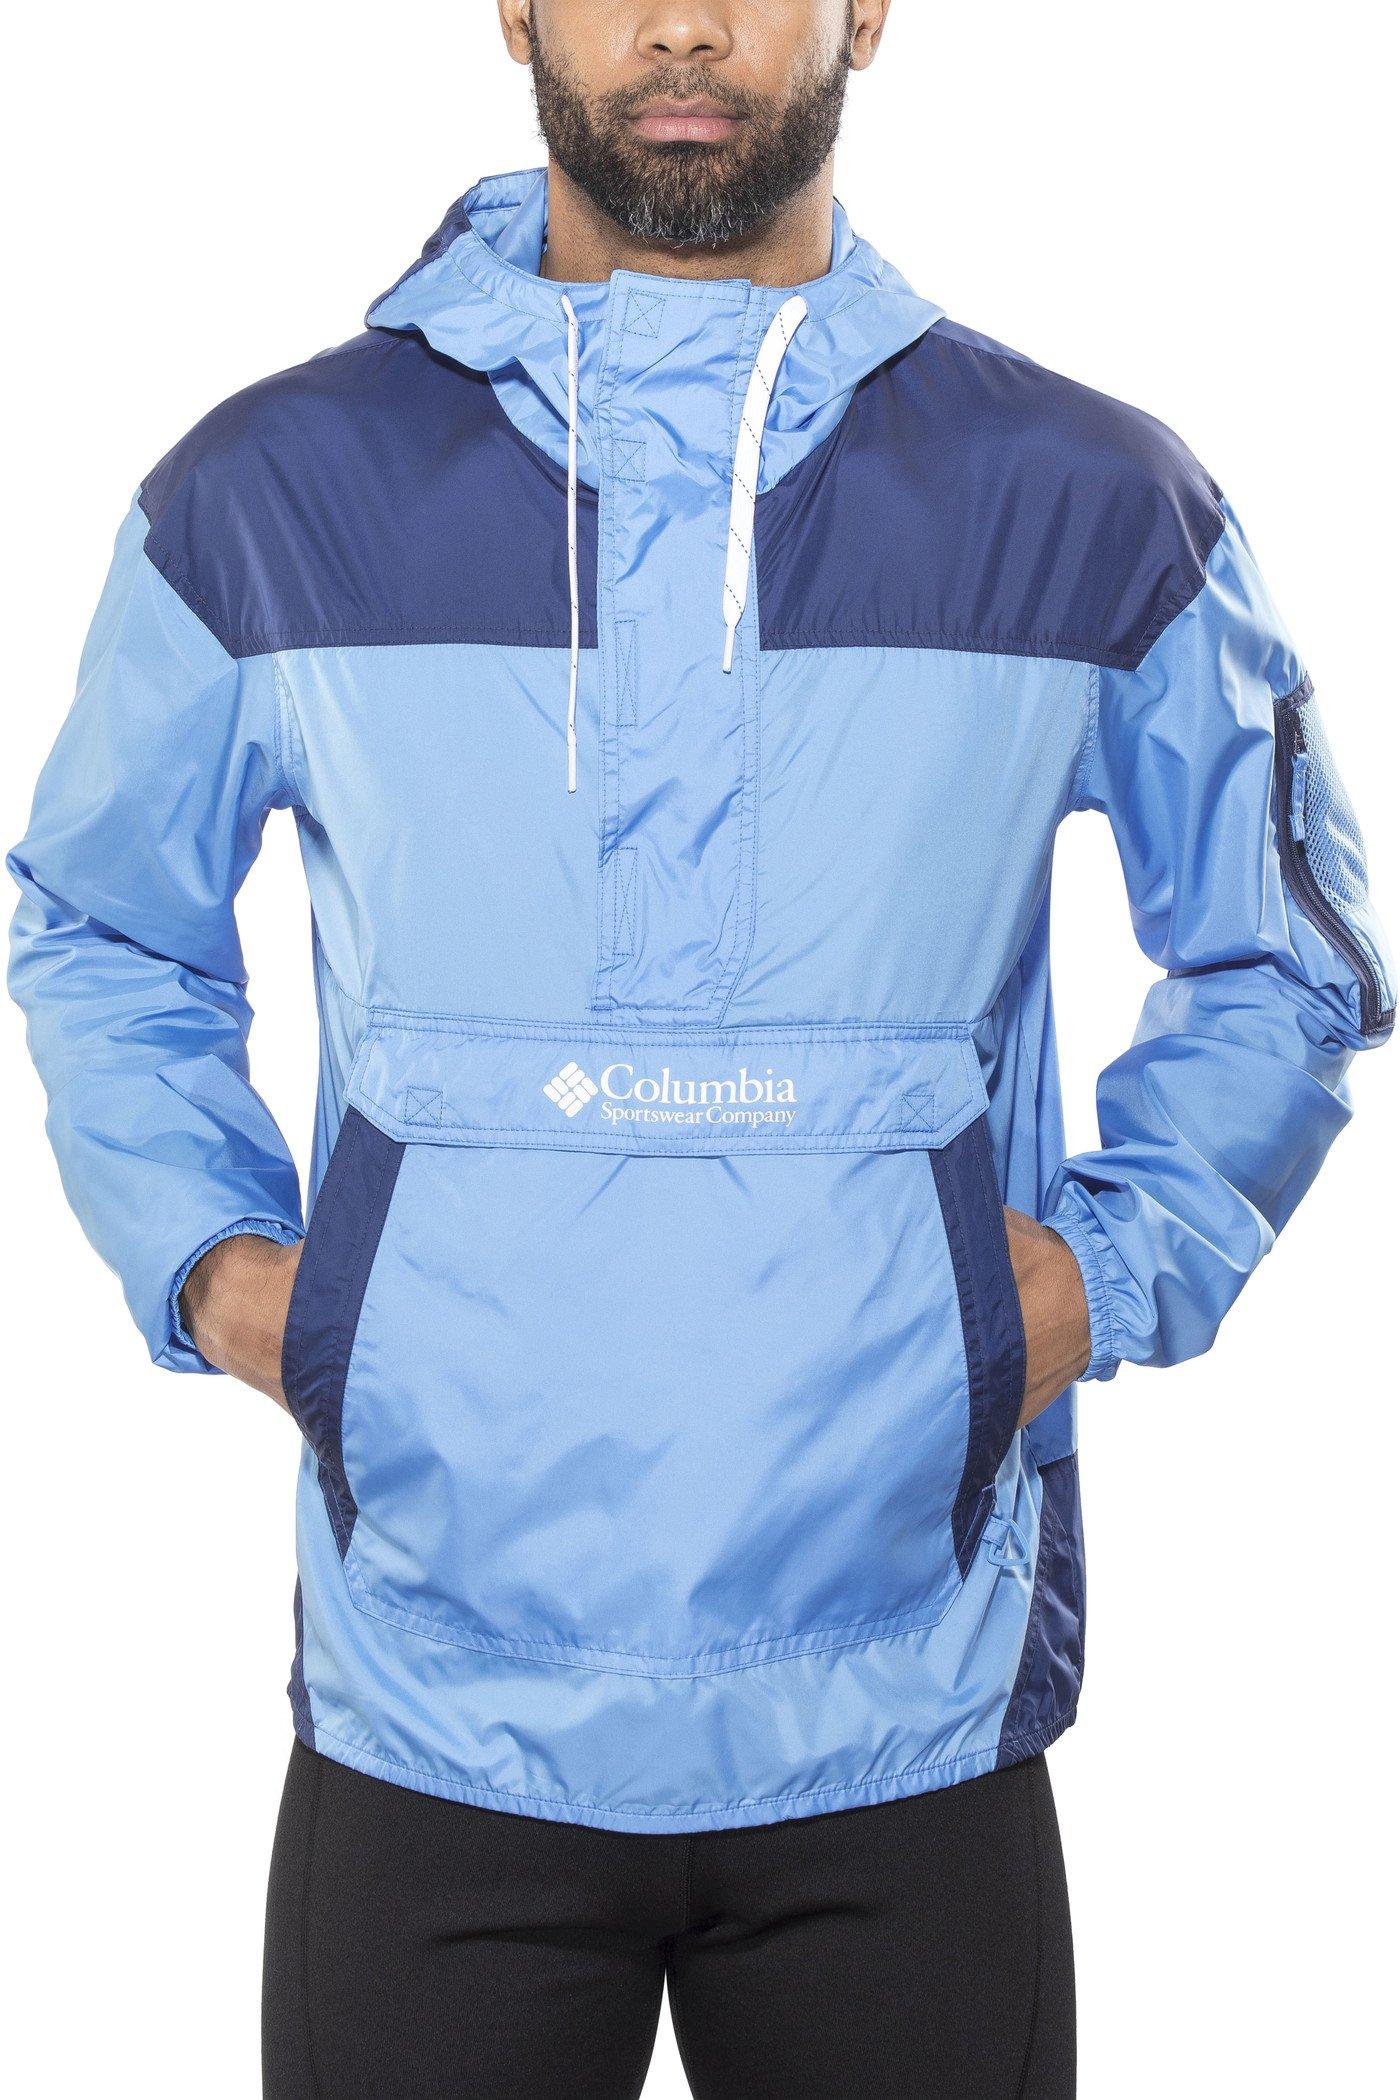 Columbia Challenger Cortavientos Impermeable, Aislamiento térmico sintético Hi-Loft, Hombre